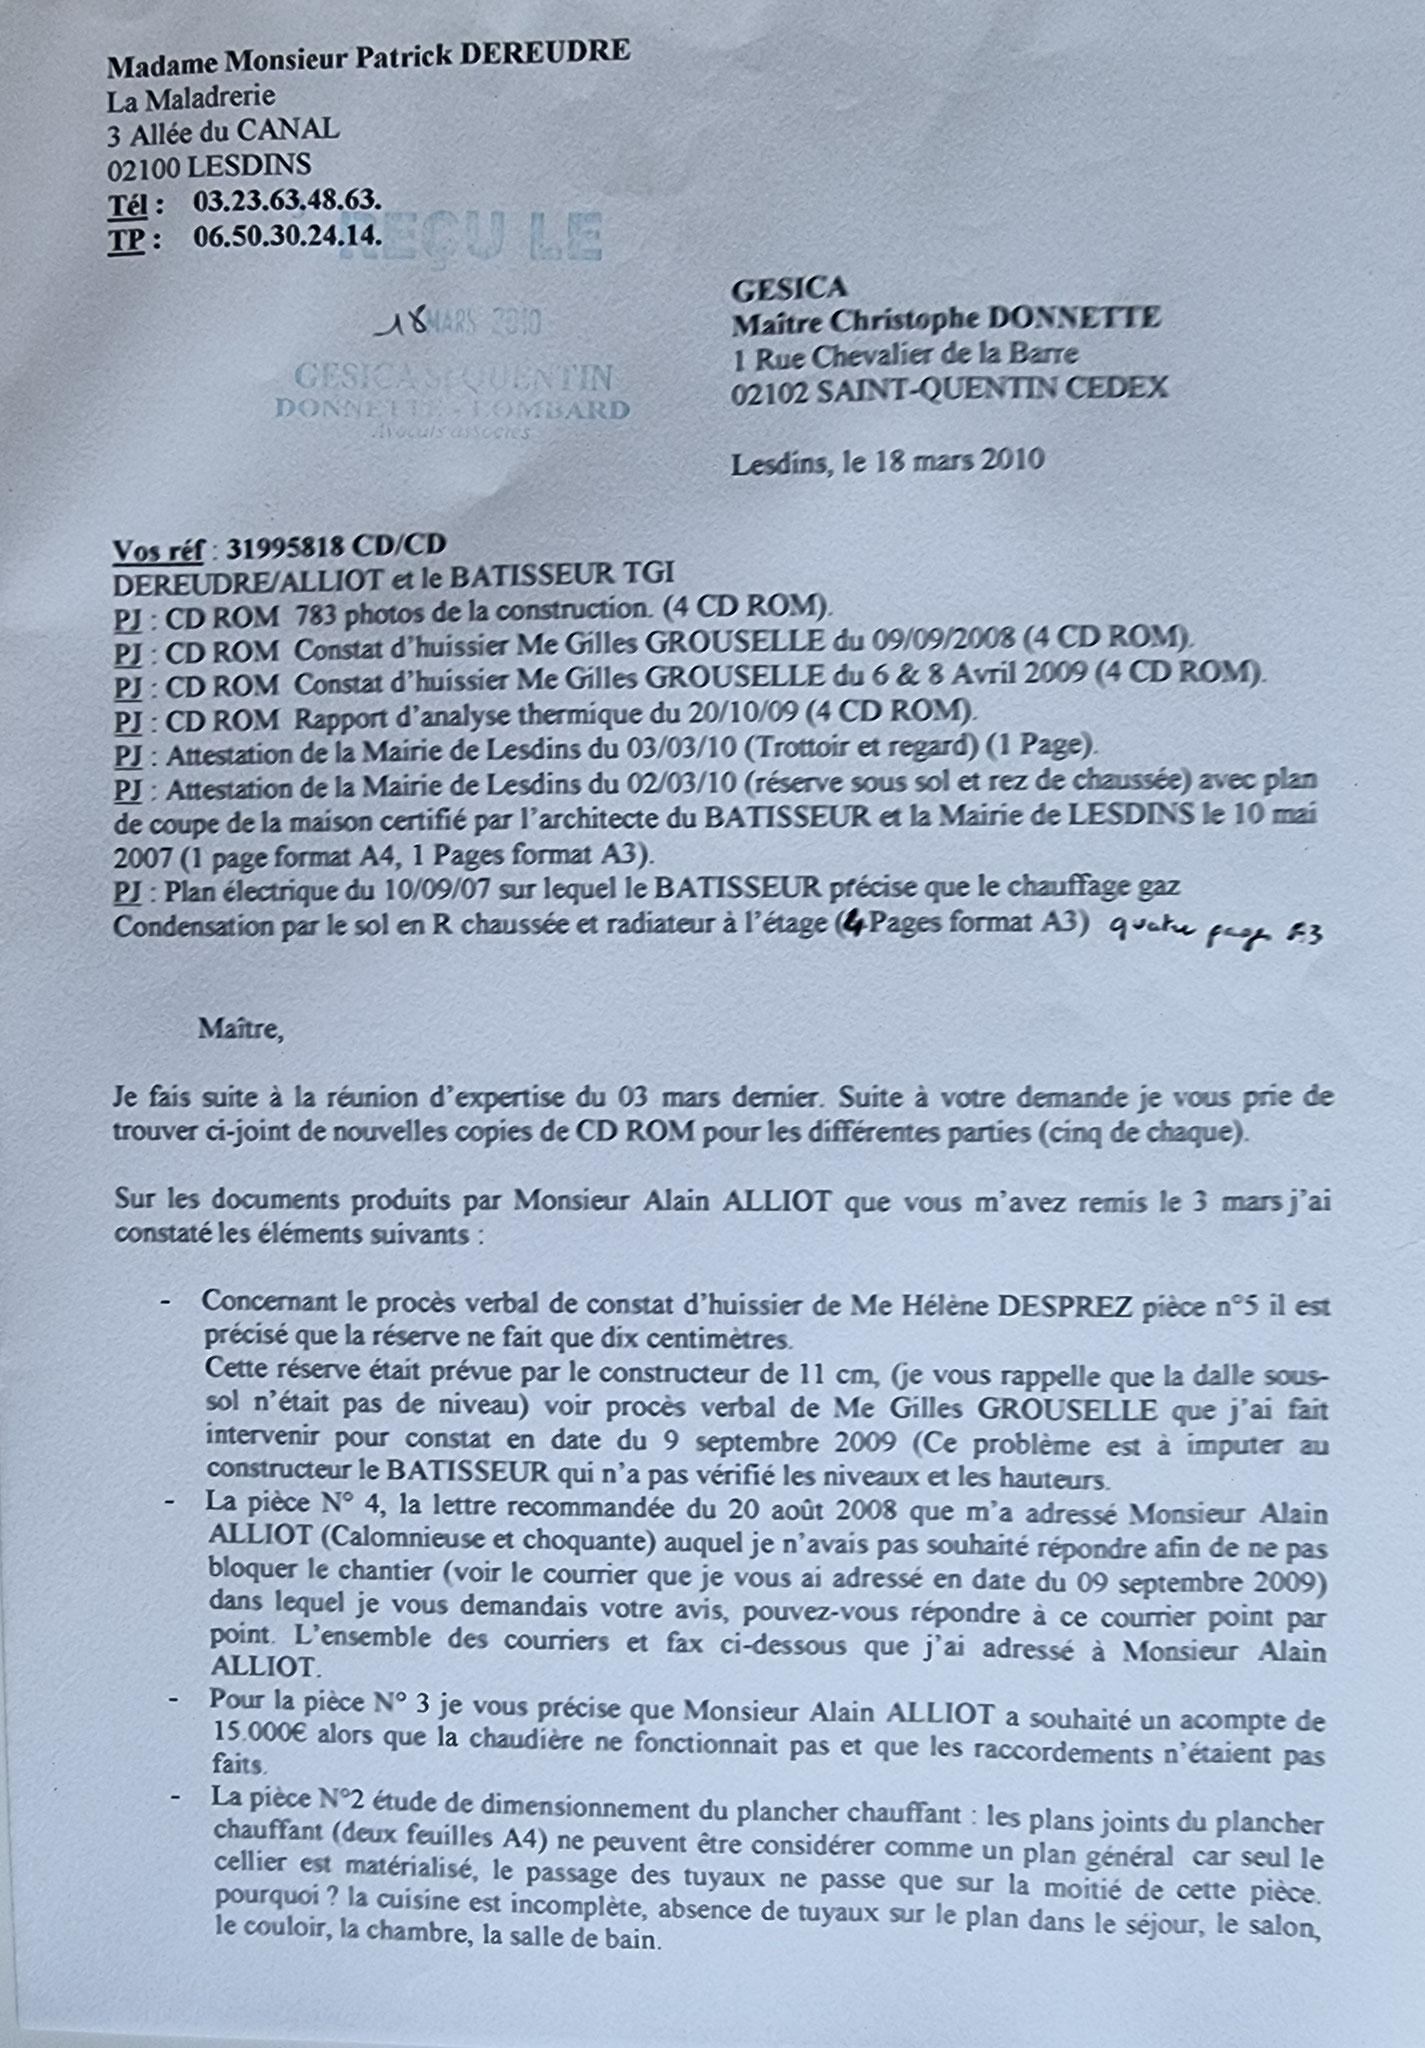 Le 18 Mars 2010 je remet au secrétariat d eMaître Christophe DONNETTE du courrier  fait en double exemplaire contre cachet.     BORDERLINE   EXPERTISES JUDICIAIRES ENTRE COPAINS...  www.jesuispatrick.fr